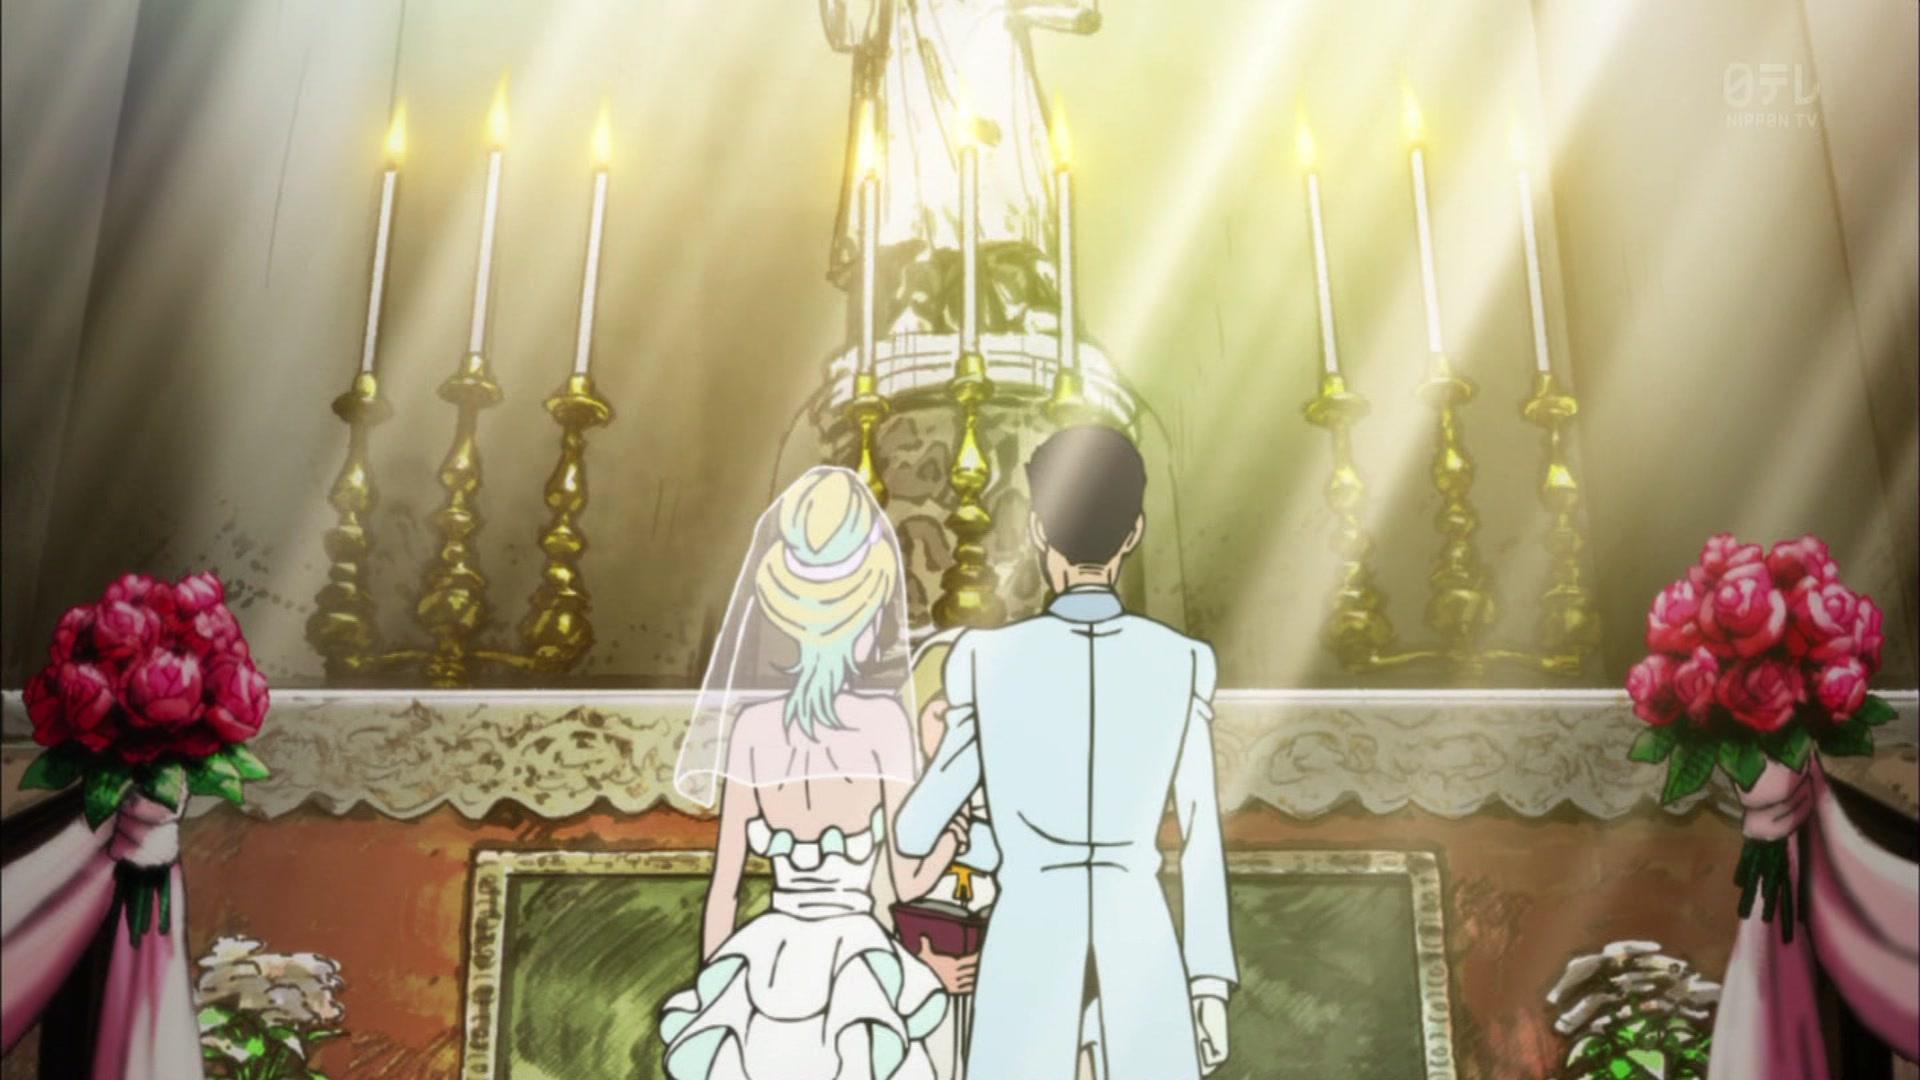 2015-10-01 26:50 ルパン三世 「ルパン三世の結婚」#1 0198